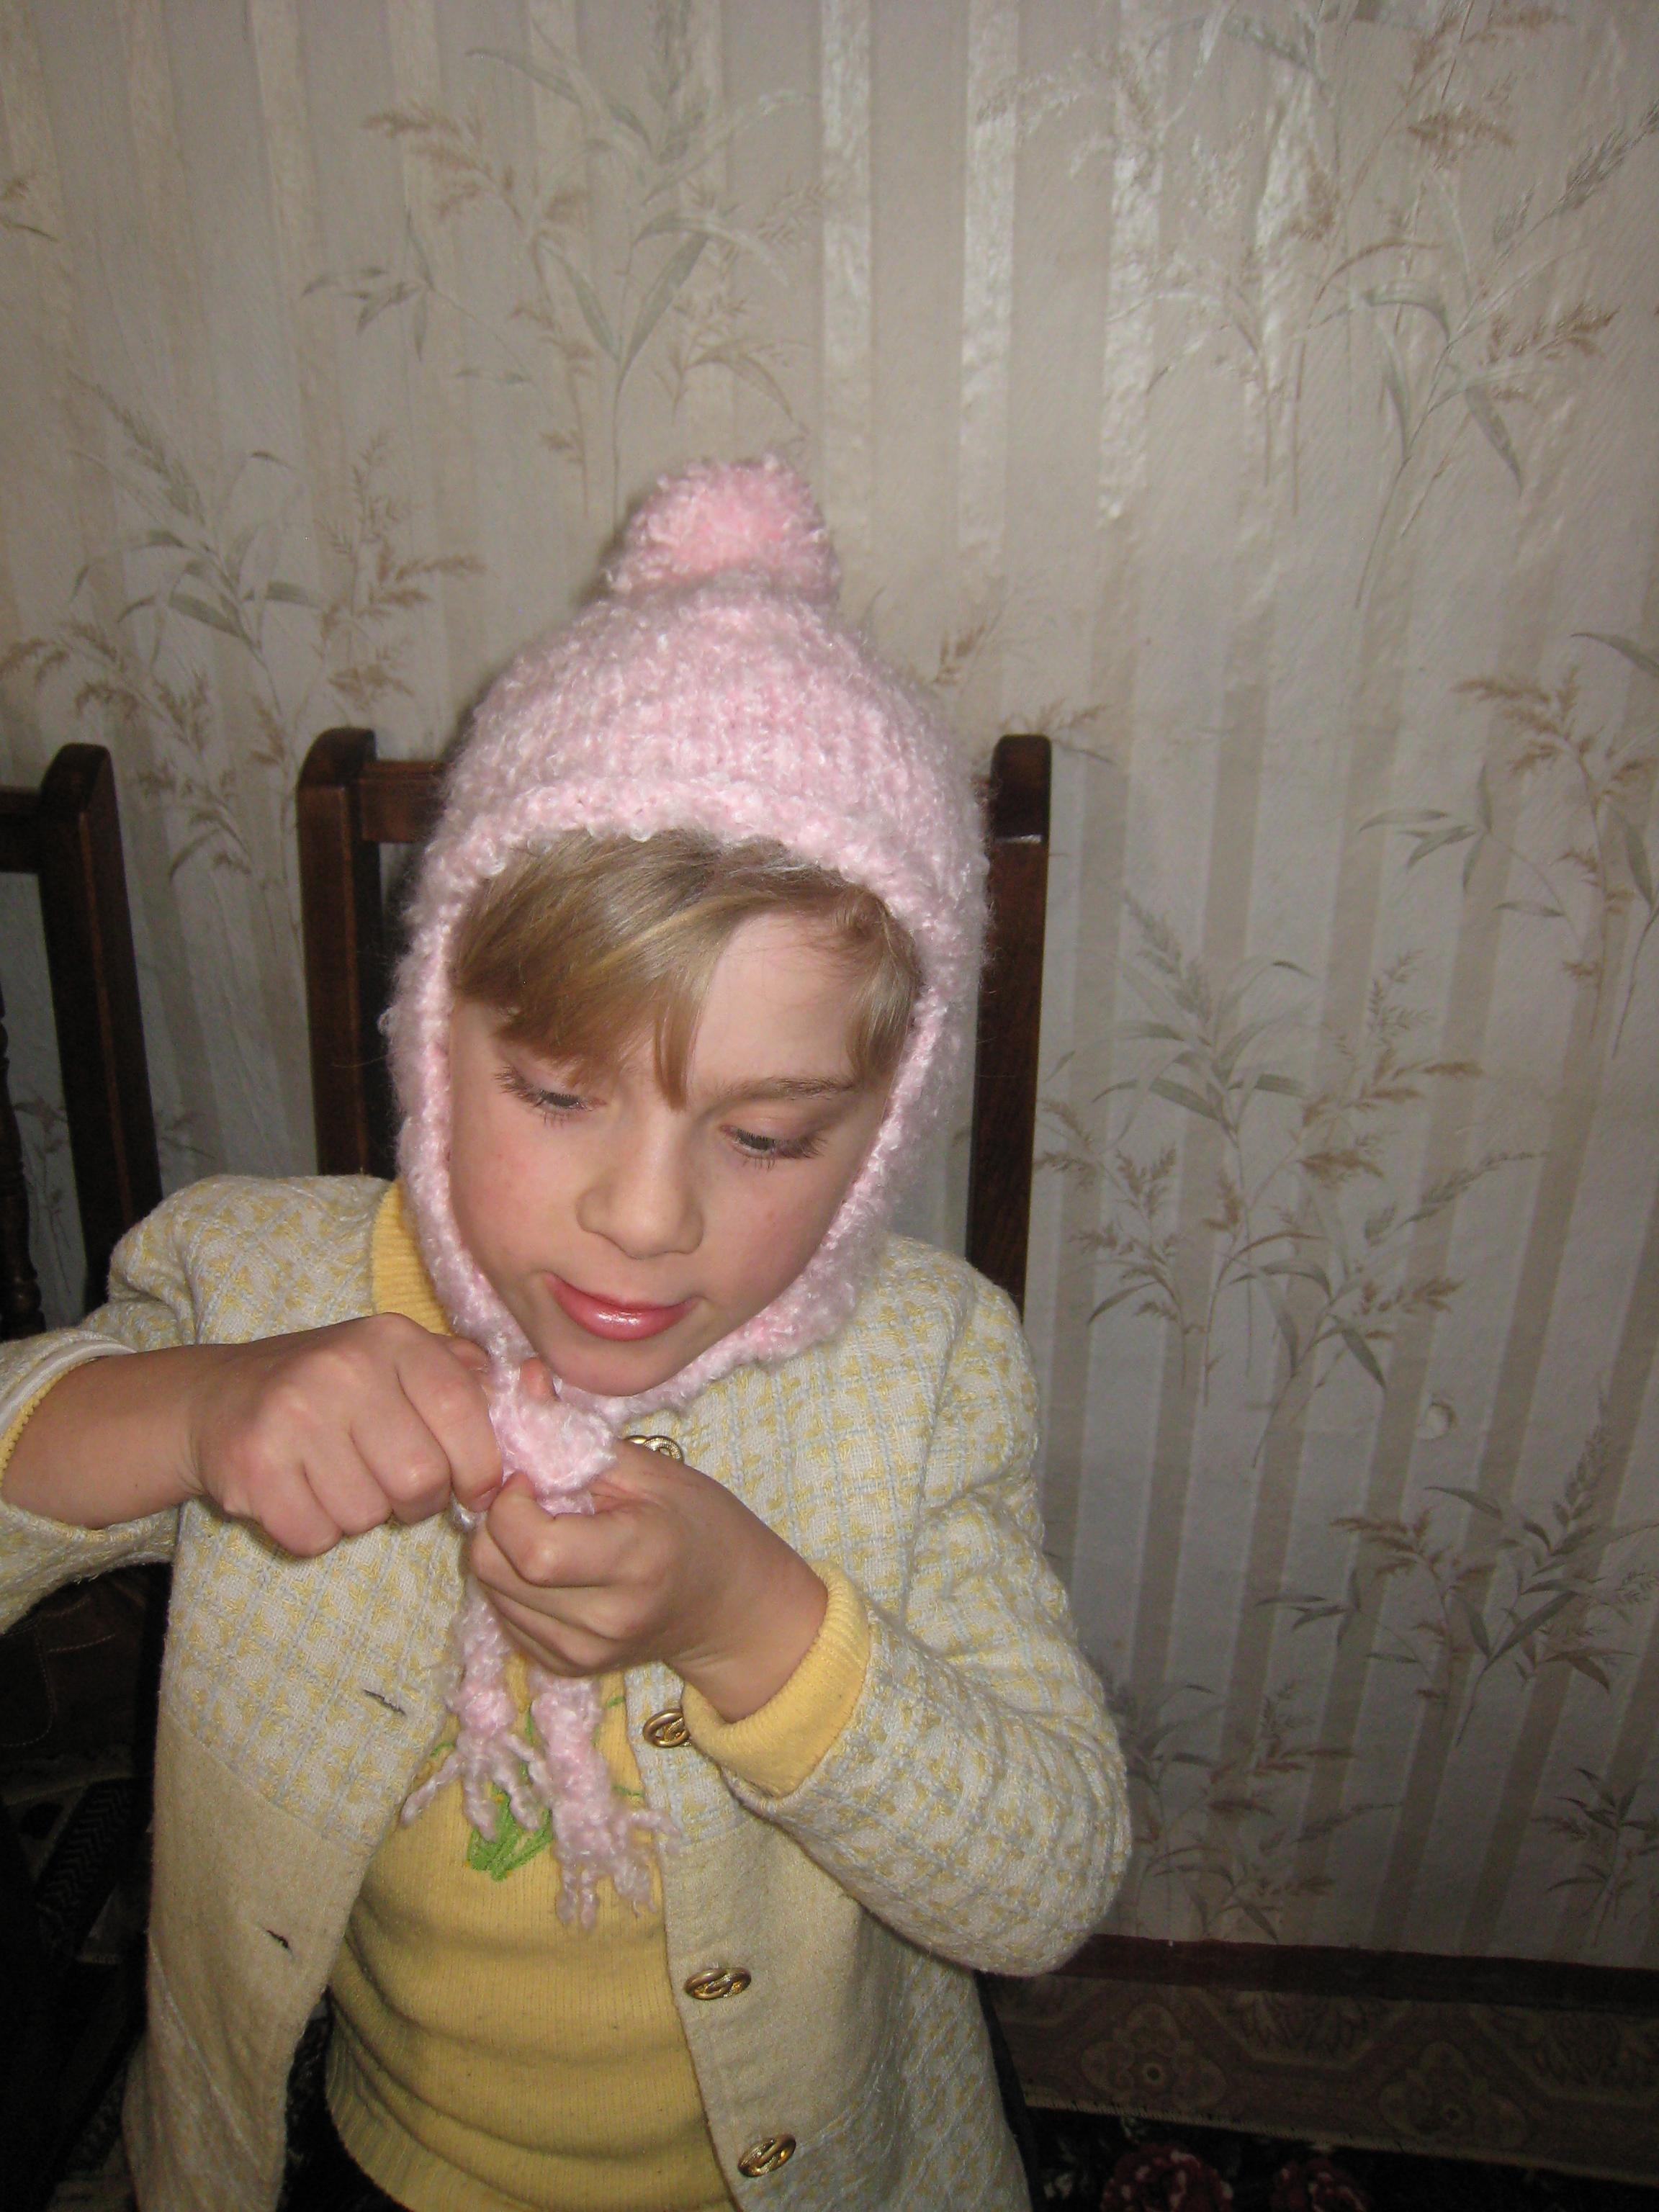 2009 Ochakov Region Visit to Olesia_04a.jpg